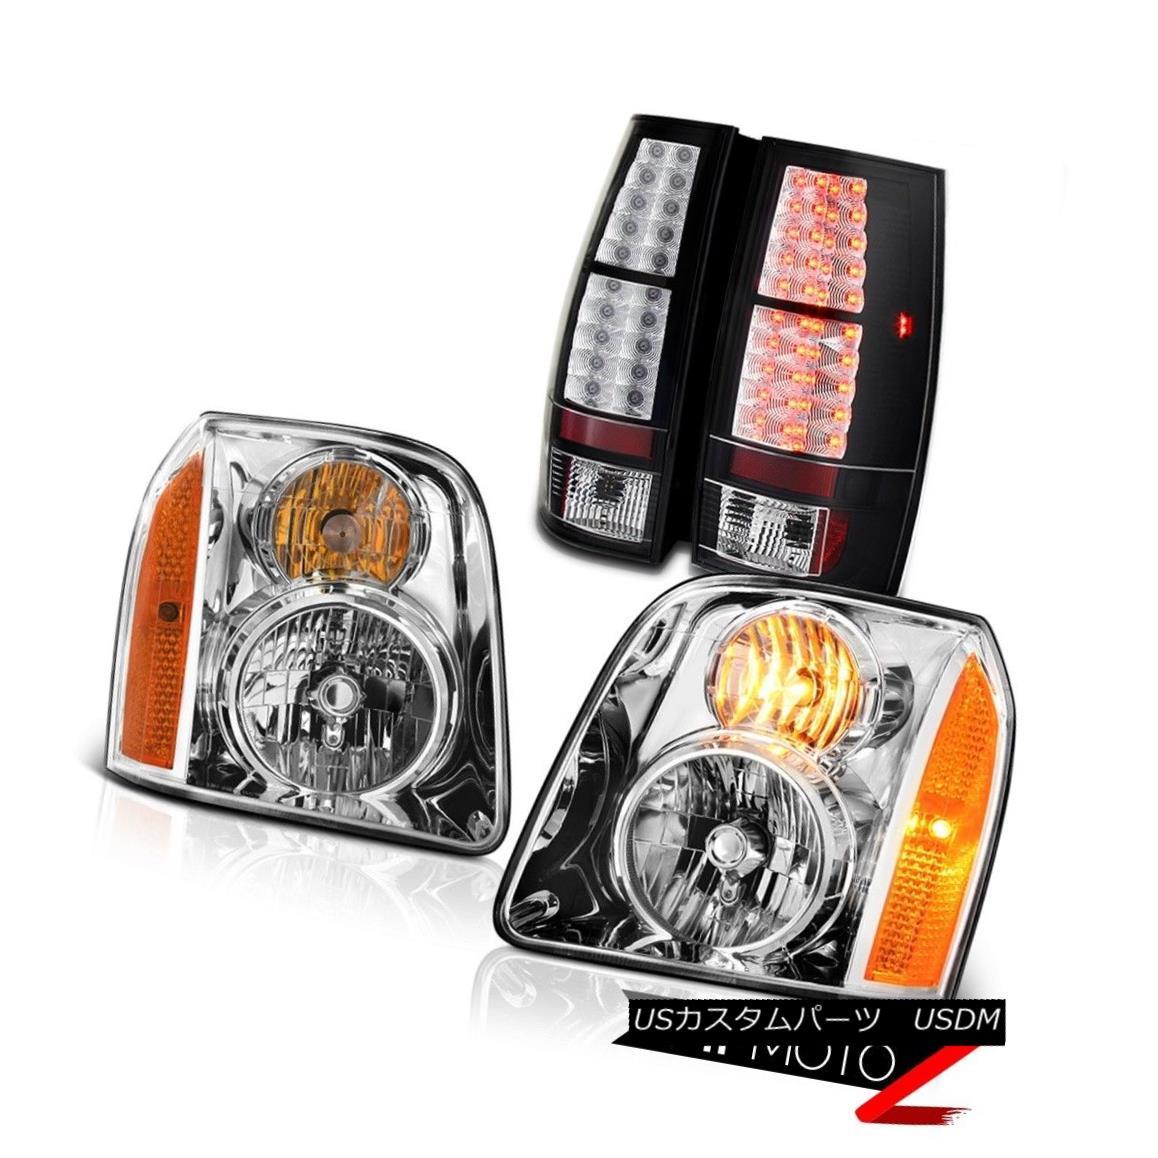 ヘッドライト 07-14 GMC Yukon XL SLE Inky Black Rear Brake Lamps Chrome Headlamps LED OE Style 07-14 GMCユーコンXL SLEインキブラックリアブレーキランプクロームヘッドランプLED OEスタイル